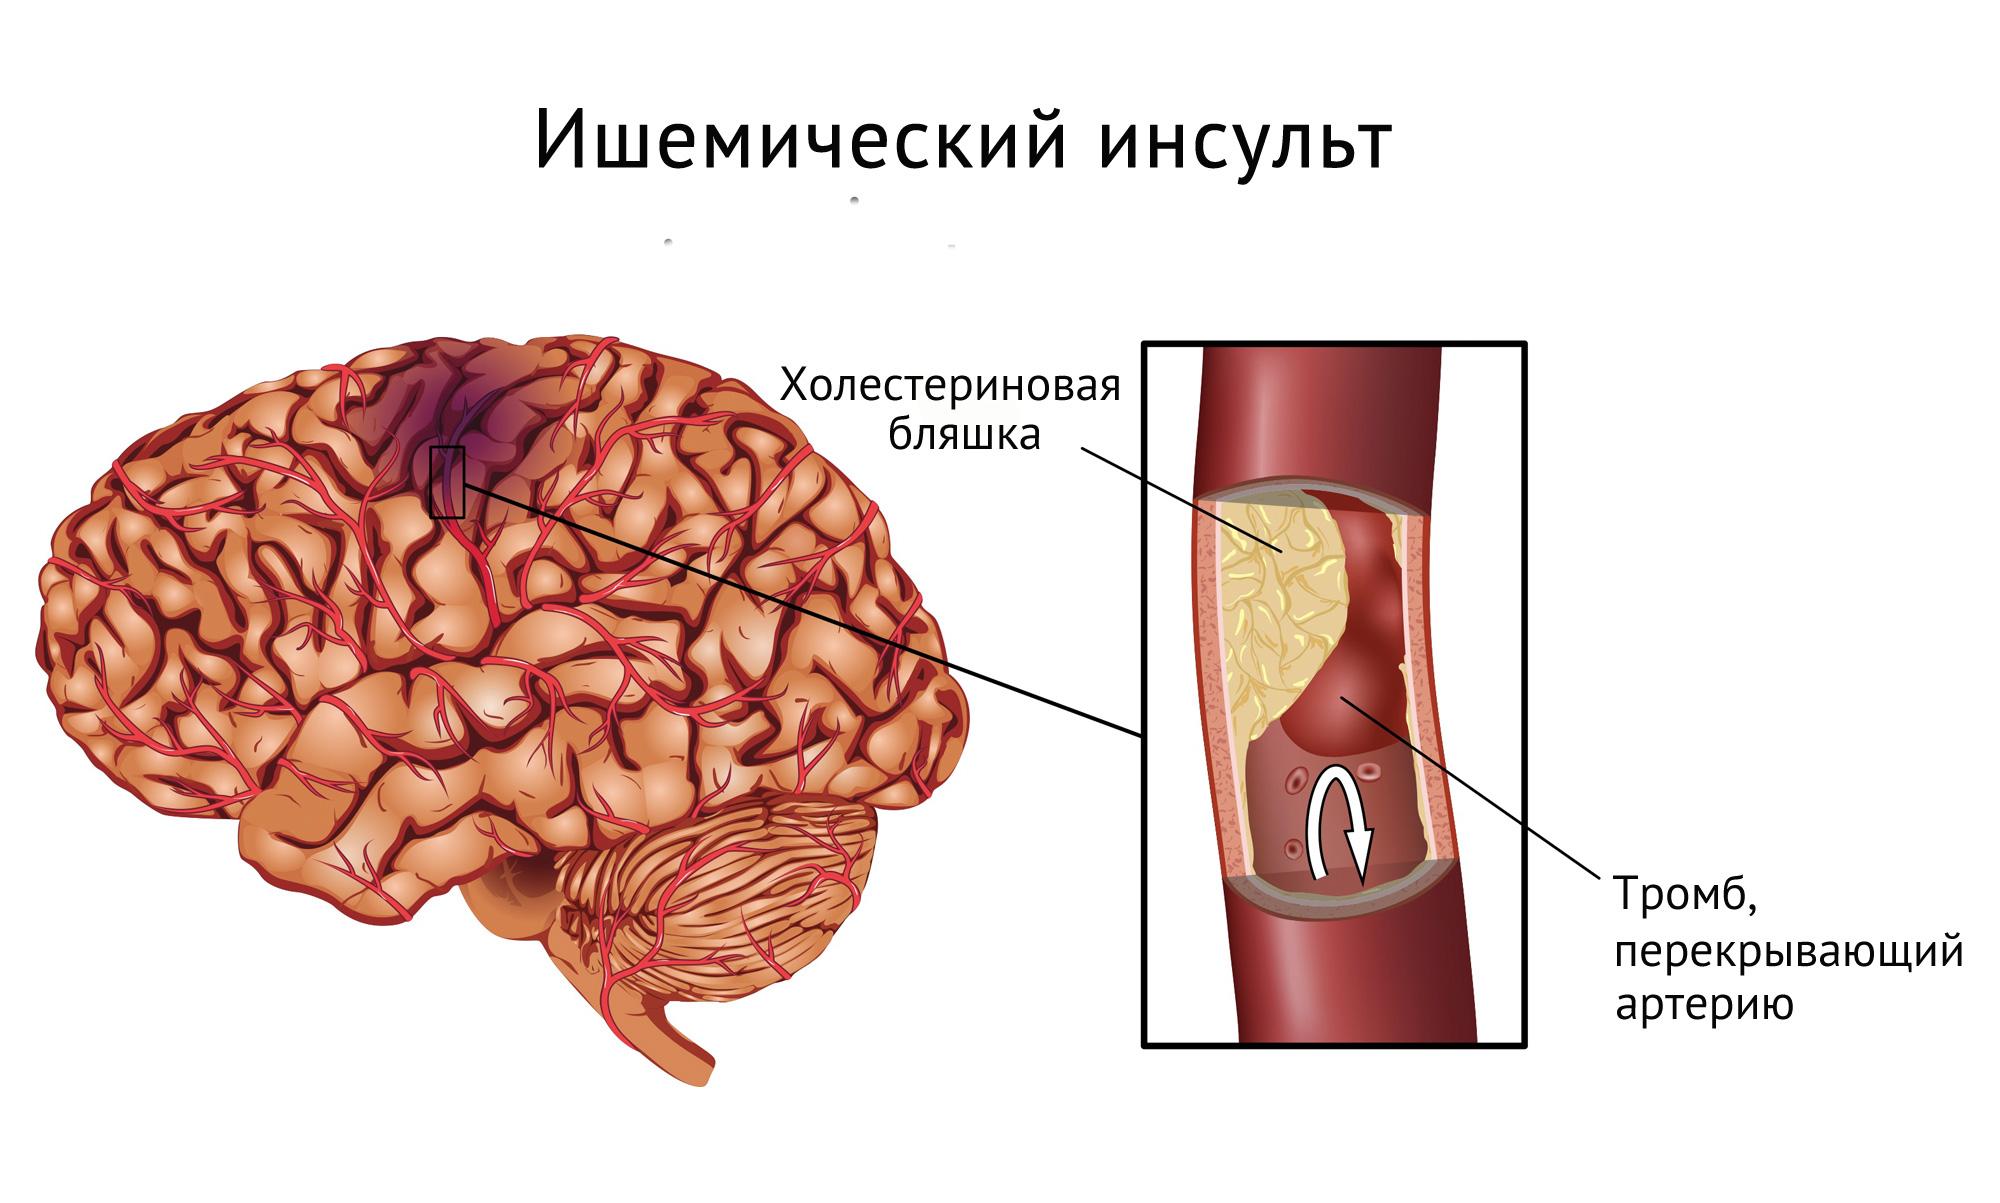 Ишемический инсульт: симптомы и последствия